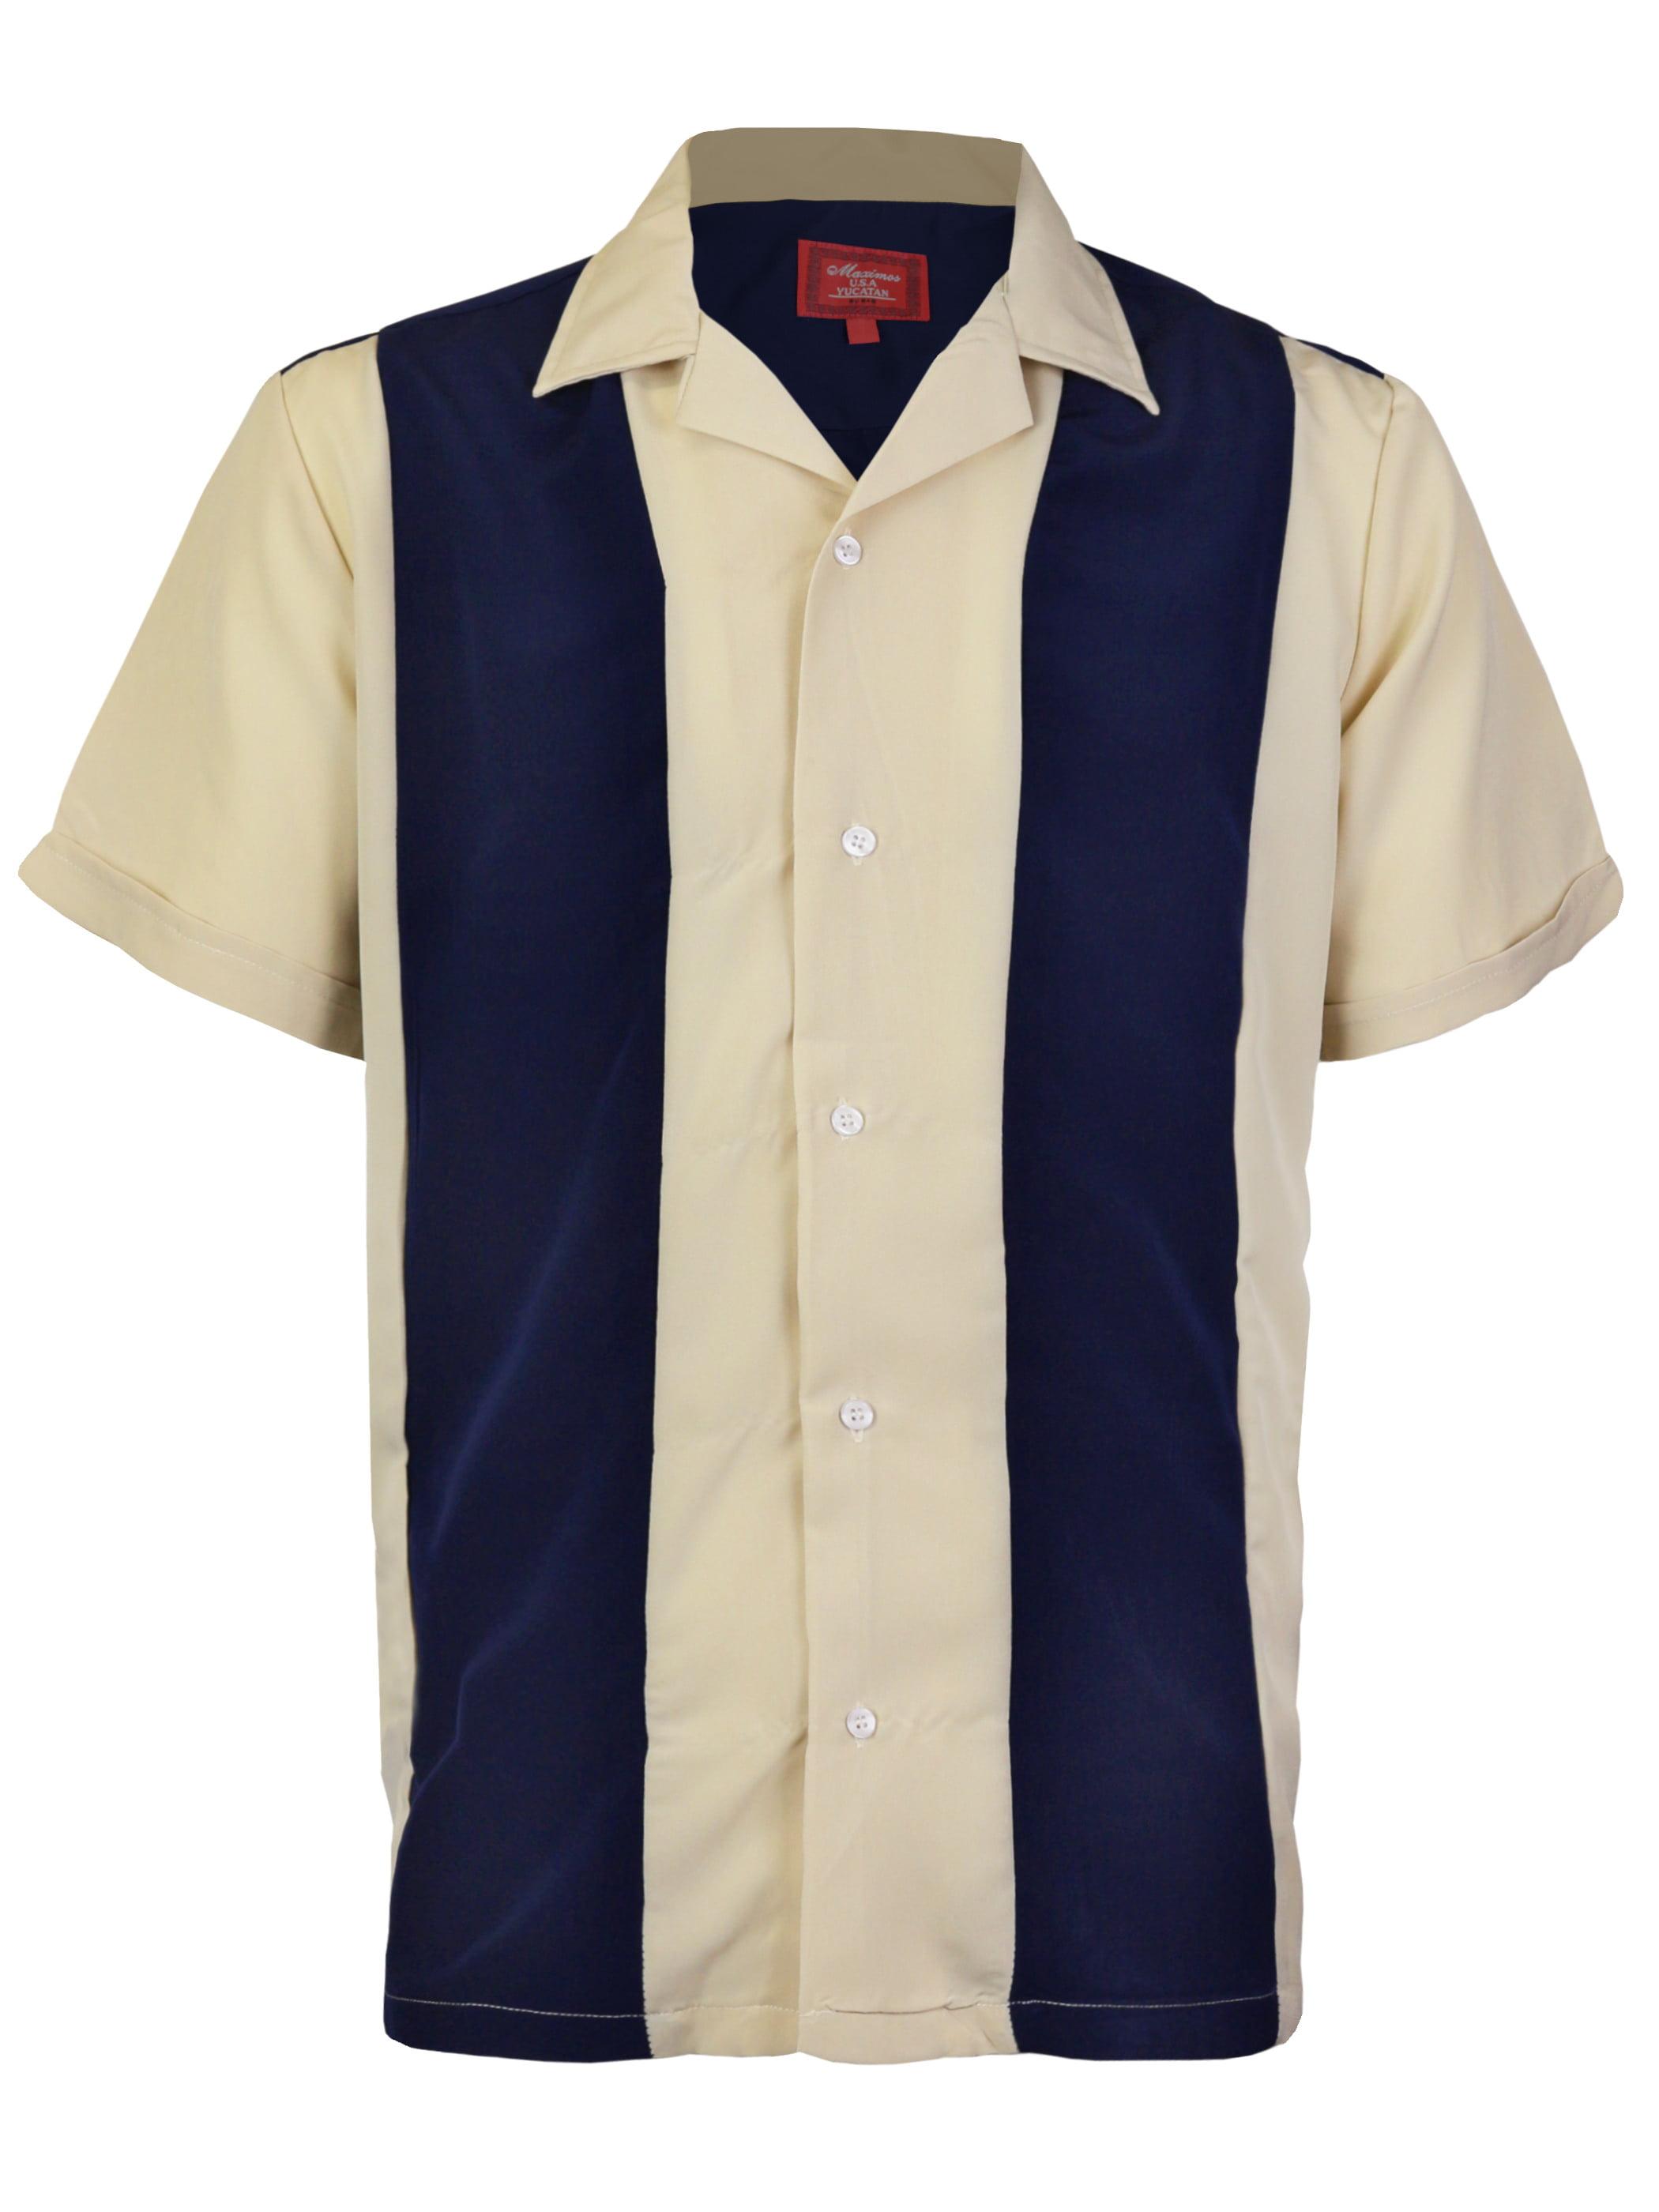 Maximos Mens Retro Charlie Sheen Two Tone Guayabera Bowling Shirt